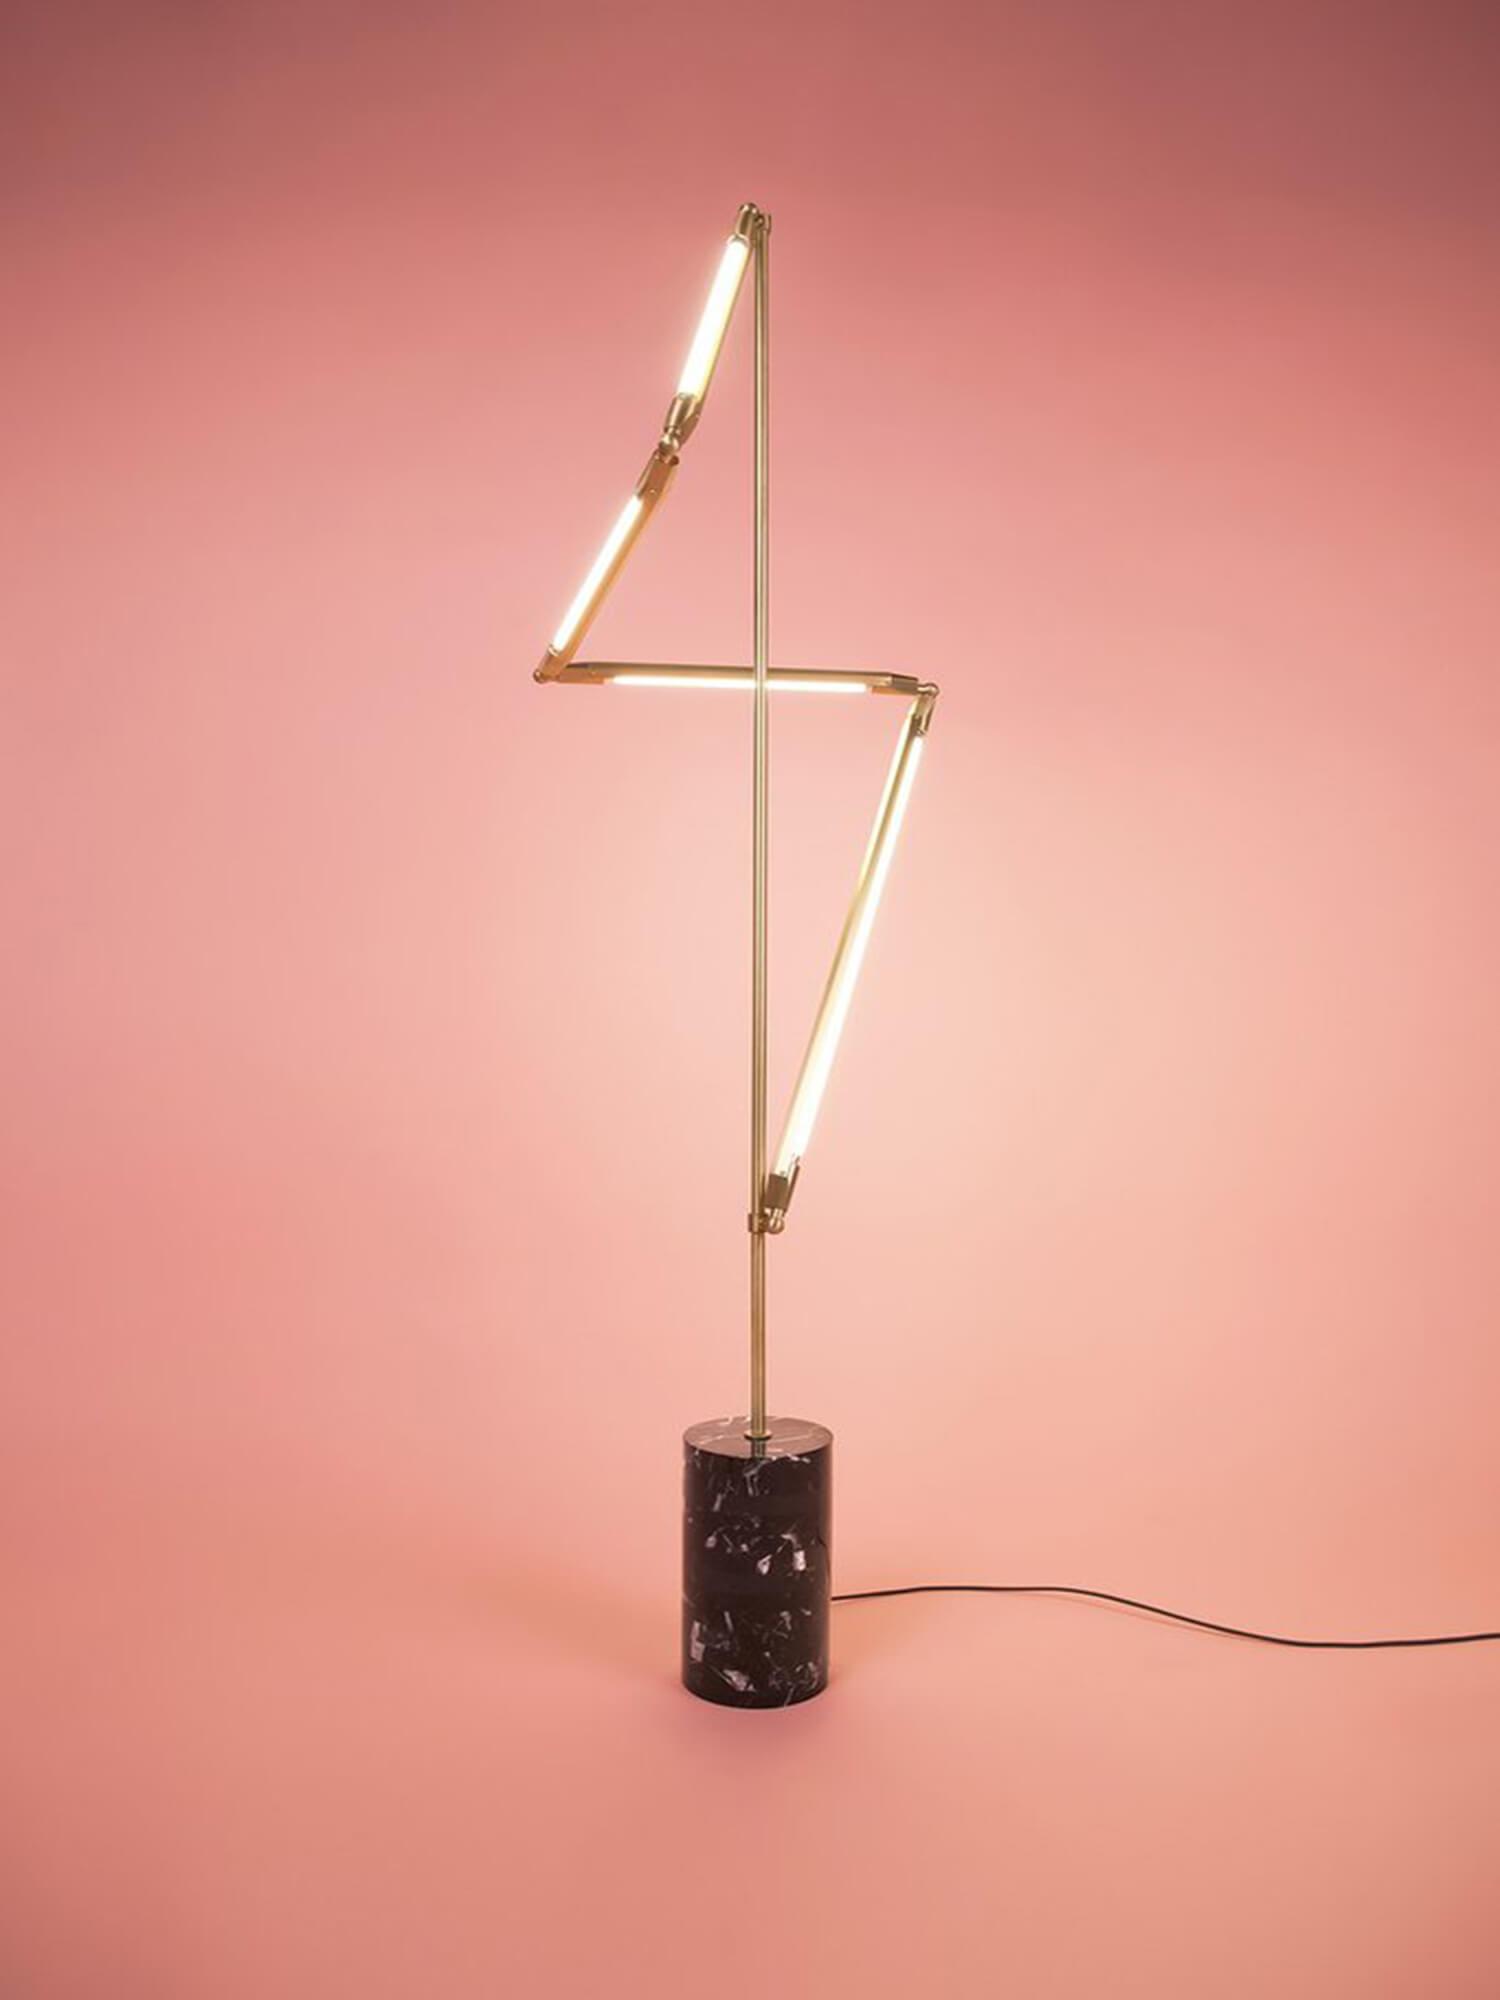 CRITERIA Bec Brittain Helix Floor Lamp